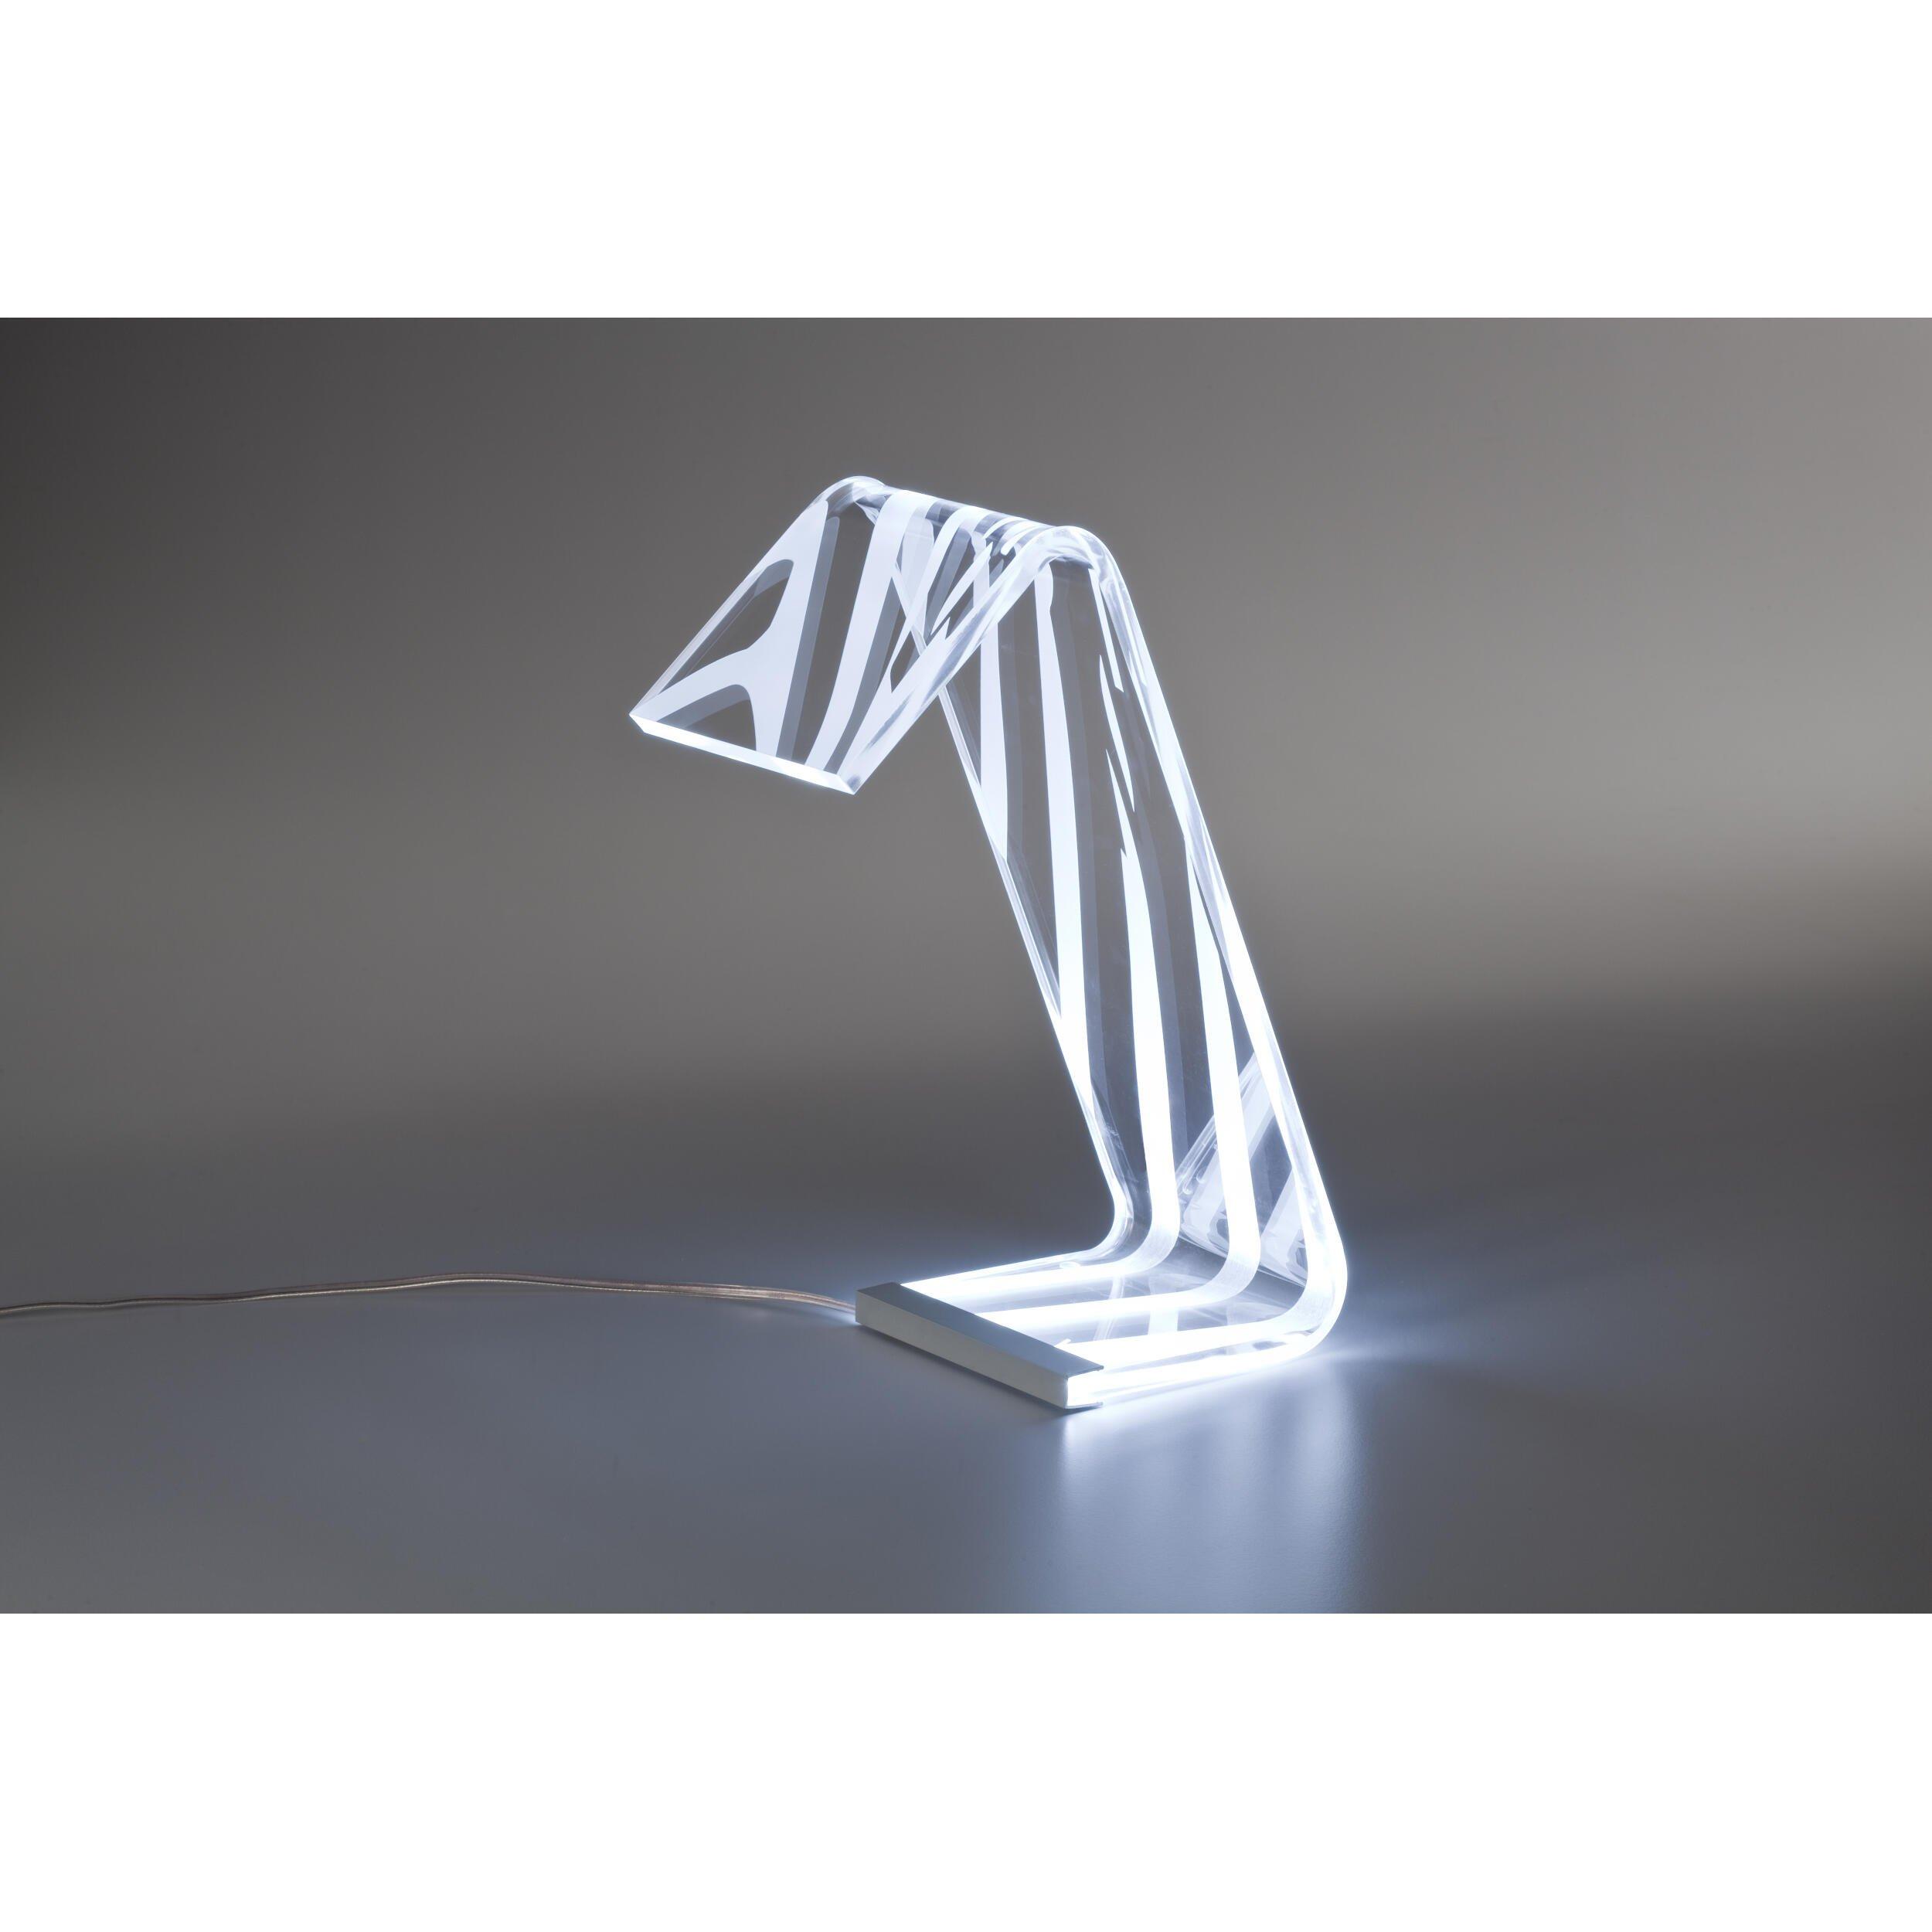 Lampada da tavolo in plexi bicolore c led 13 5x24x34h cm - Lampade da tavolo in plexiglass ...